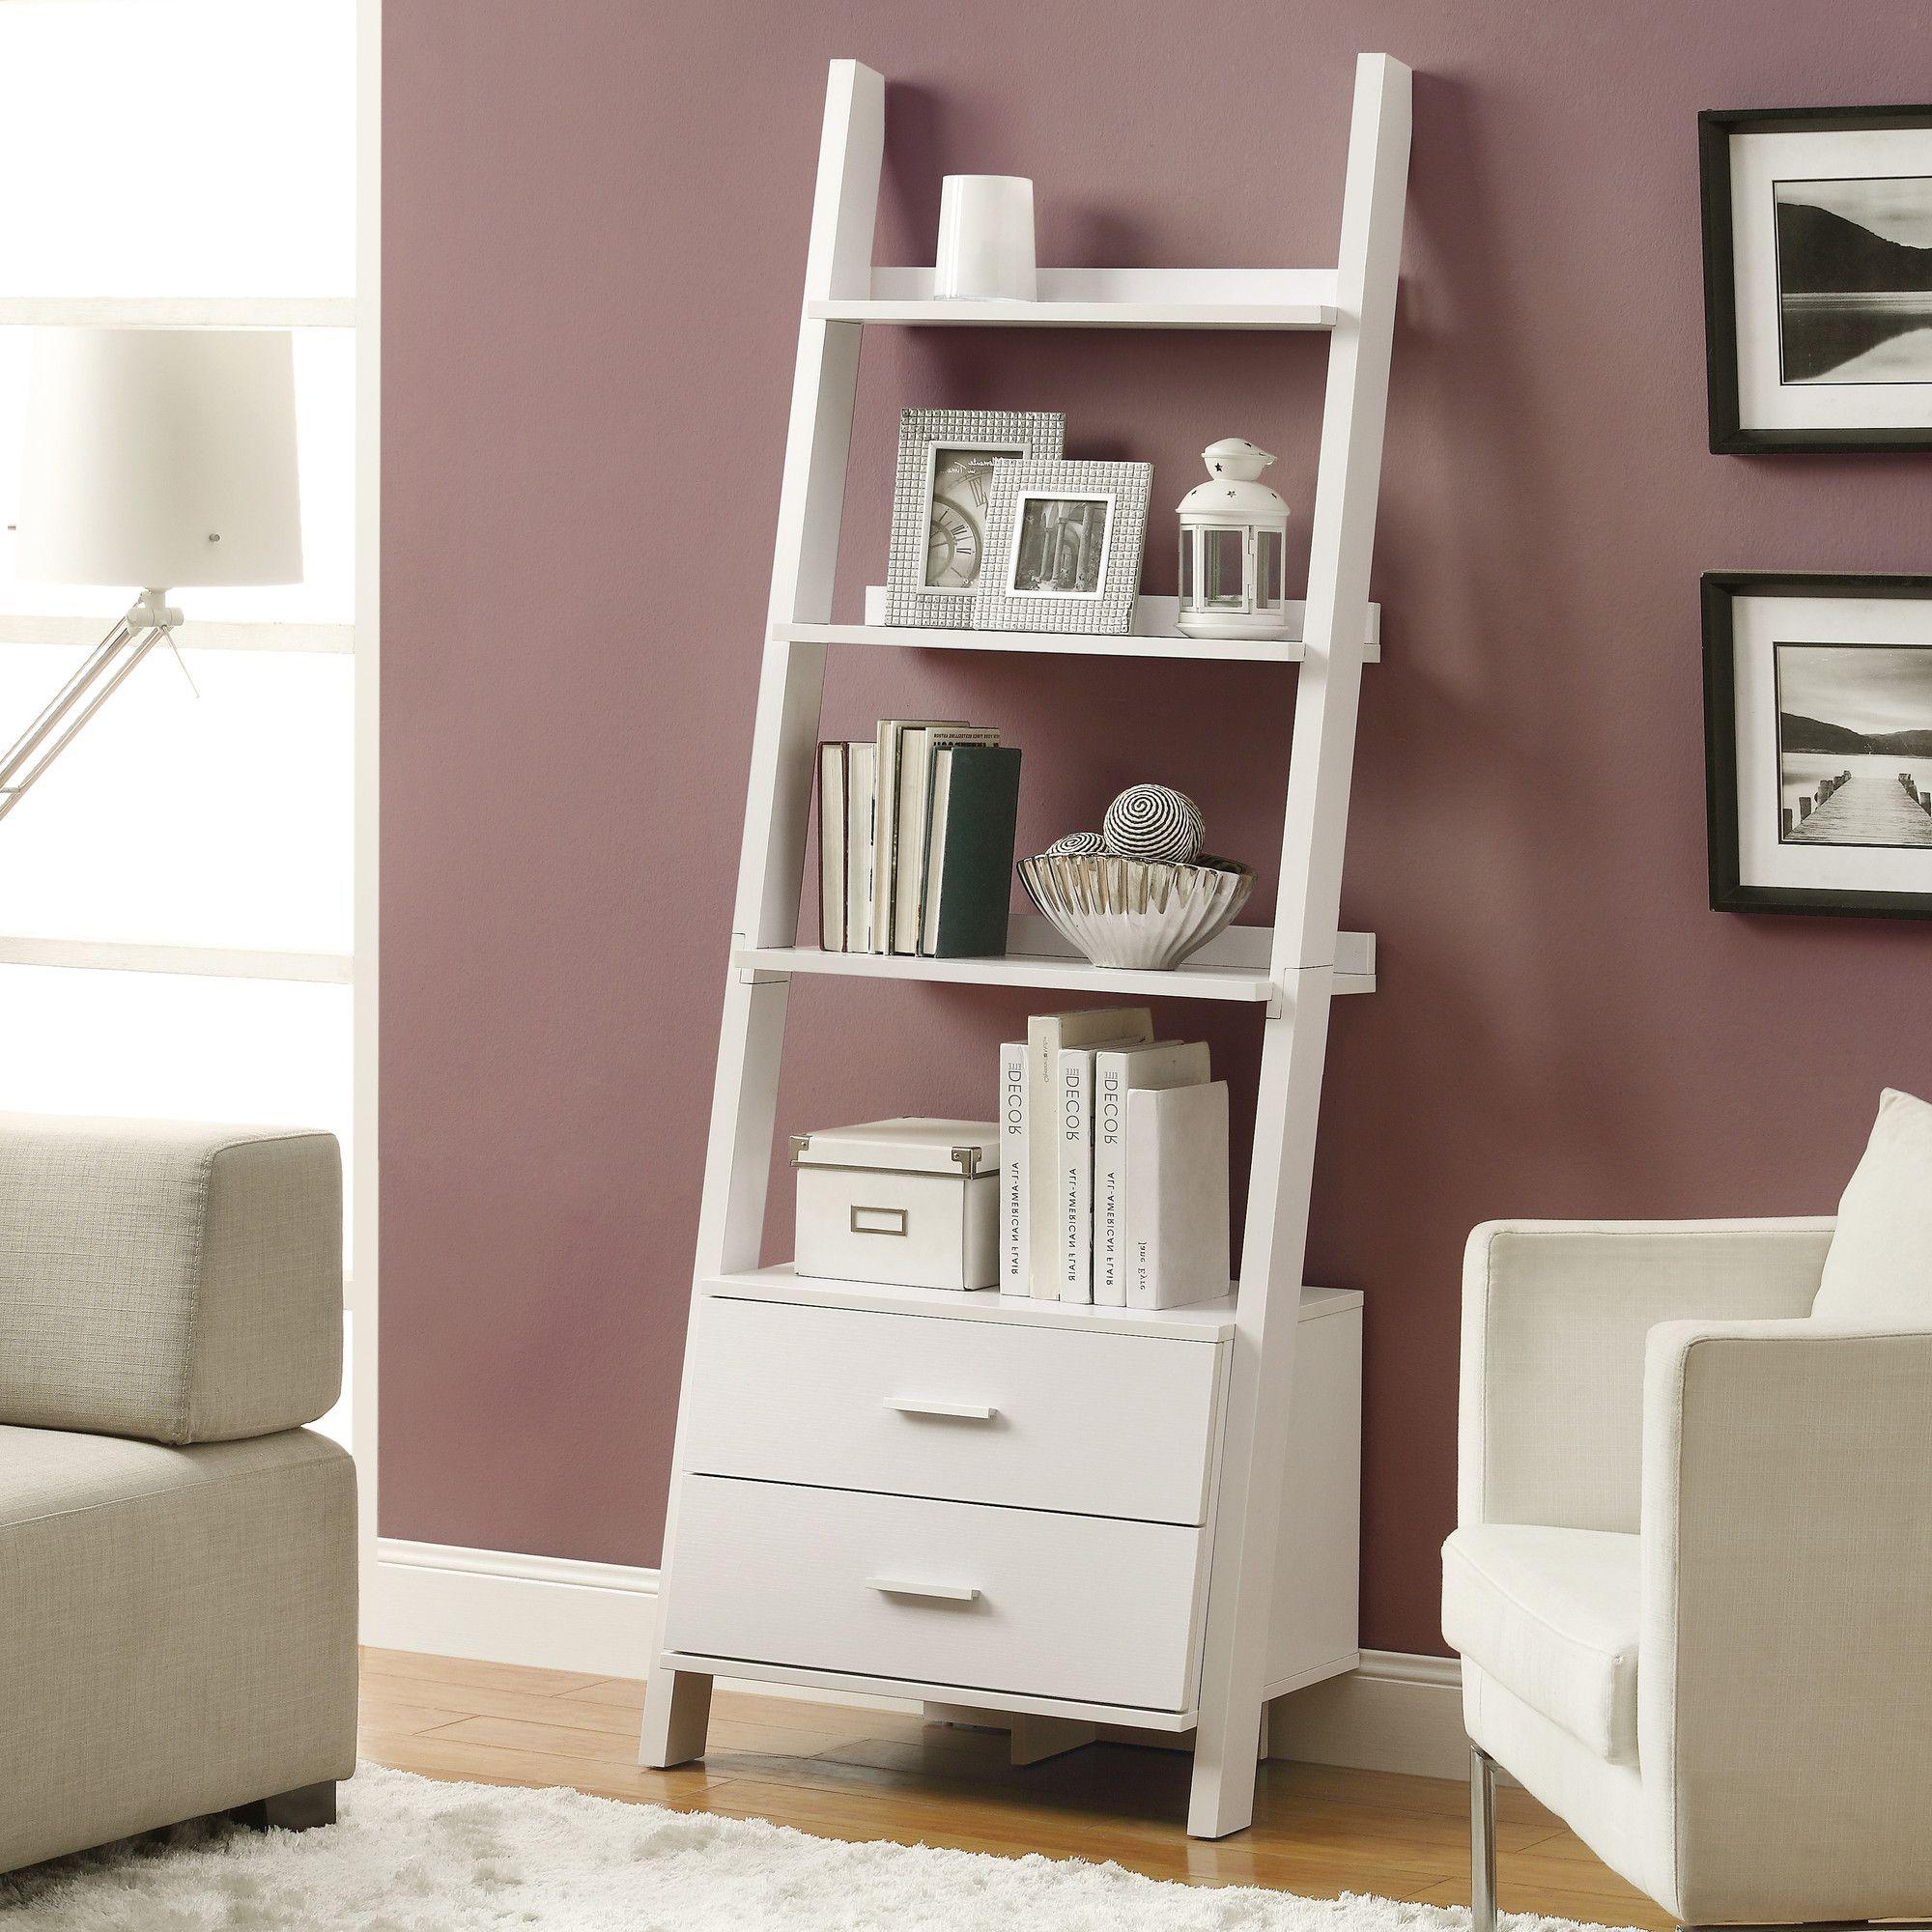 Ladder Bookshelf Intended For Antoninus Ladder Bookcases (View 3 of 20)